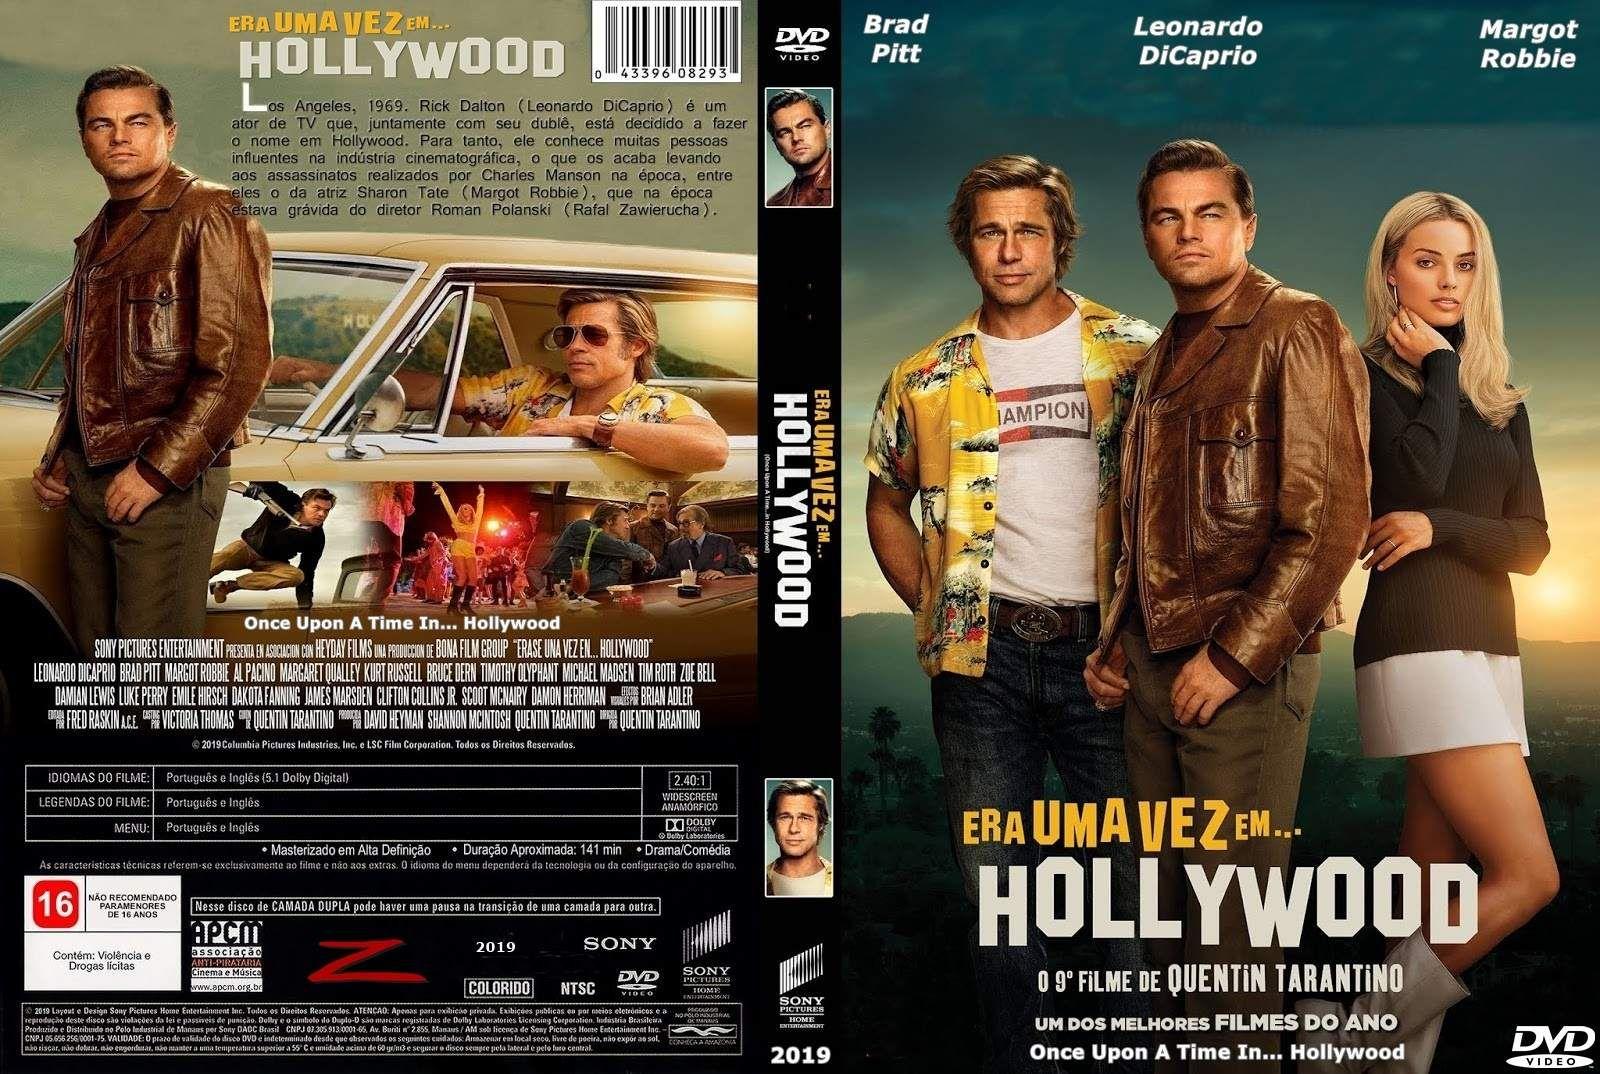 Era Uma Vez Em Hollywood 2019 Capas Dvd Filmes Dvd